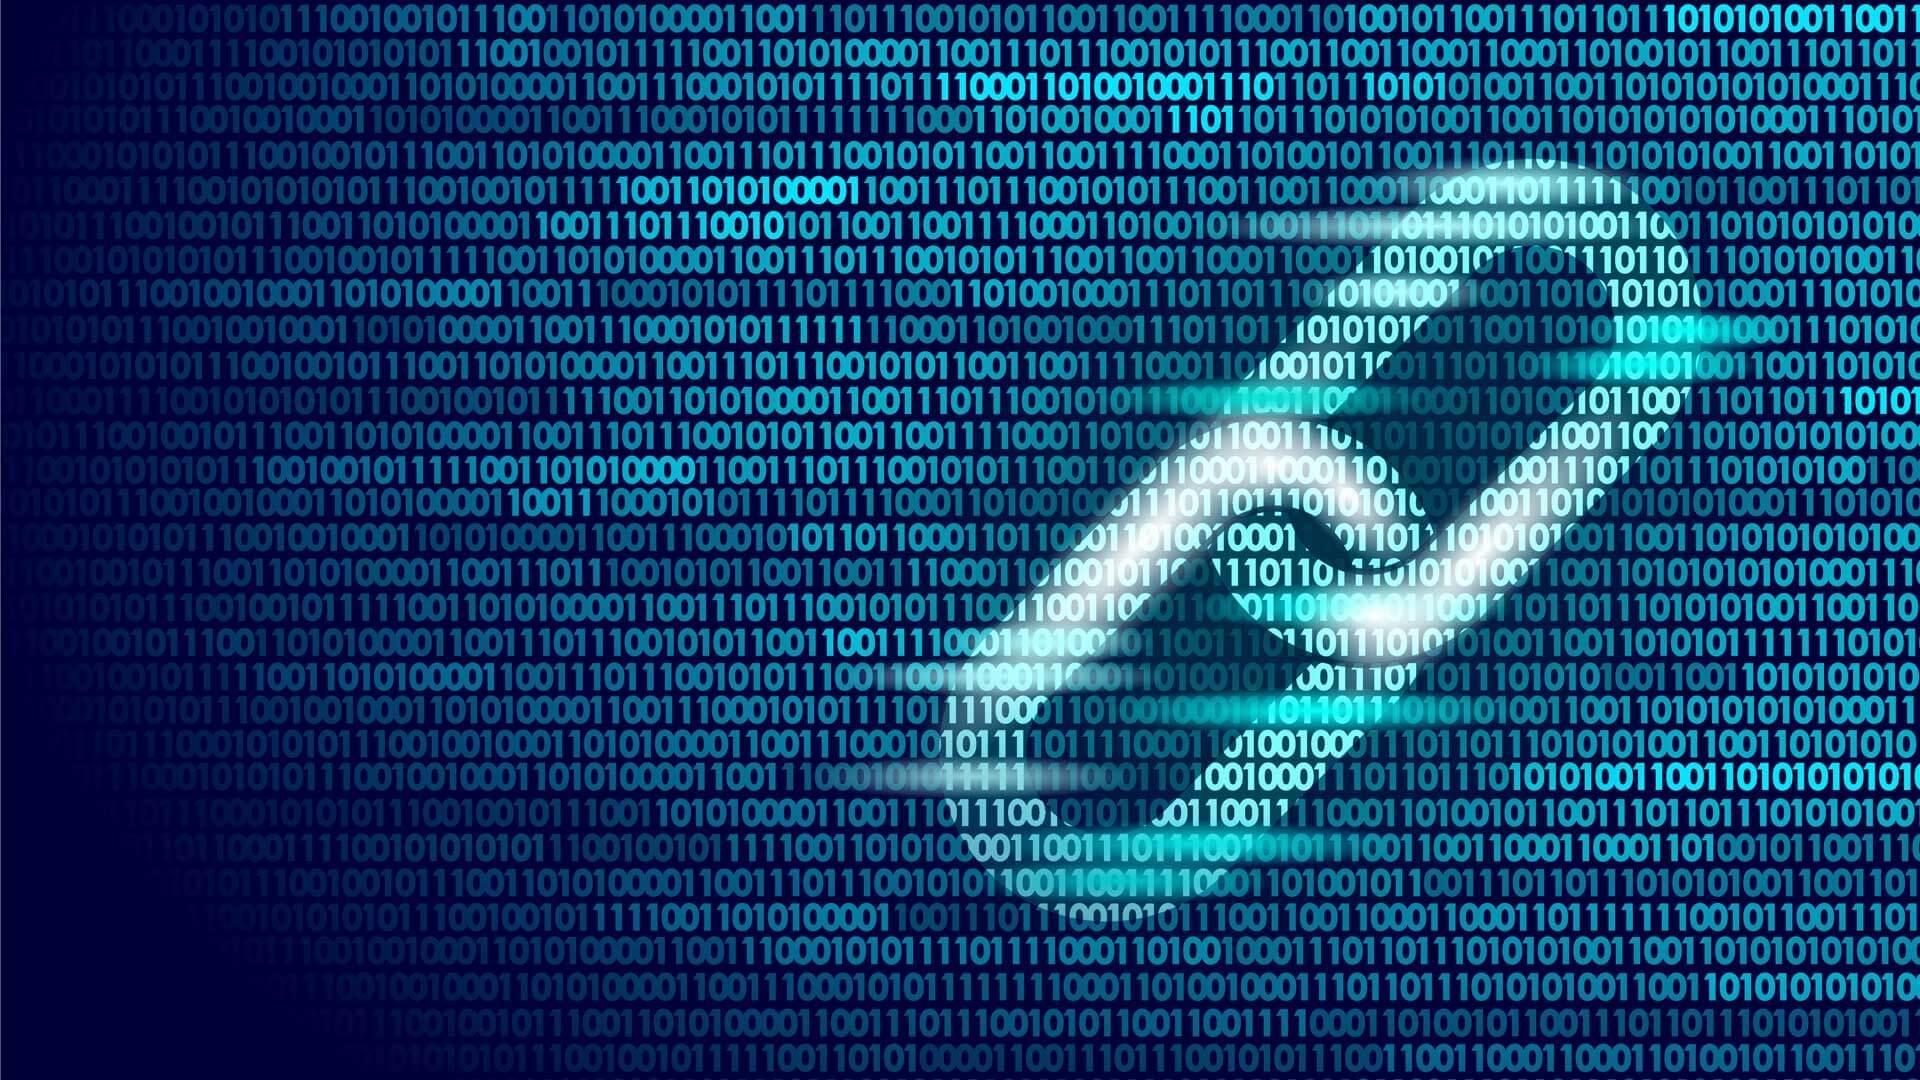 Запровадження земельного кадастру на базі Blockchain провалилося